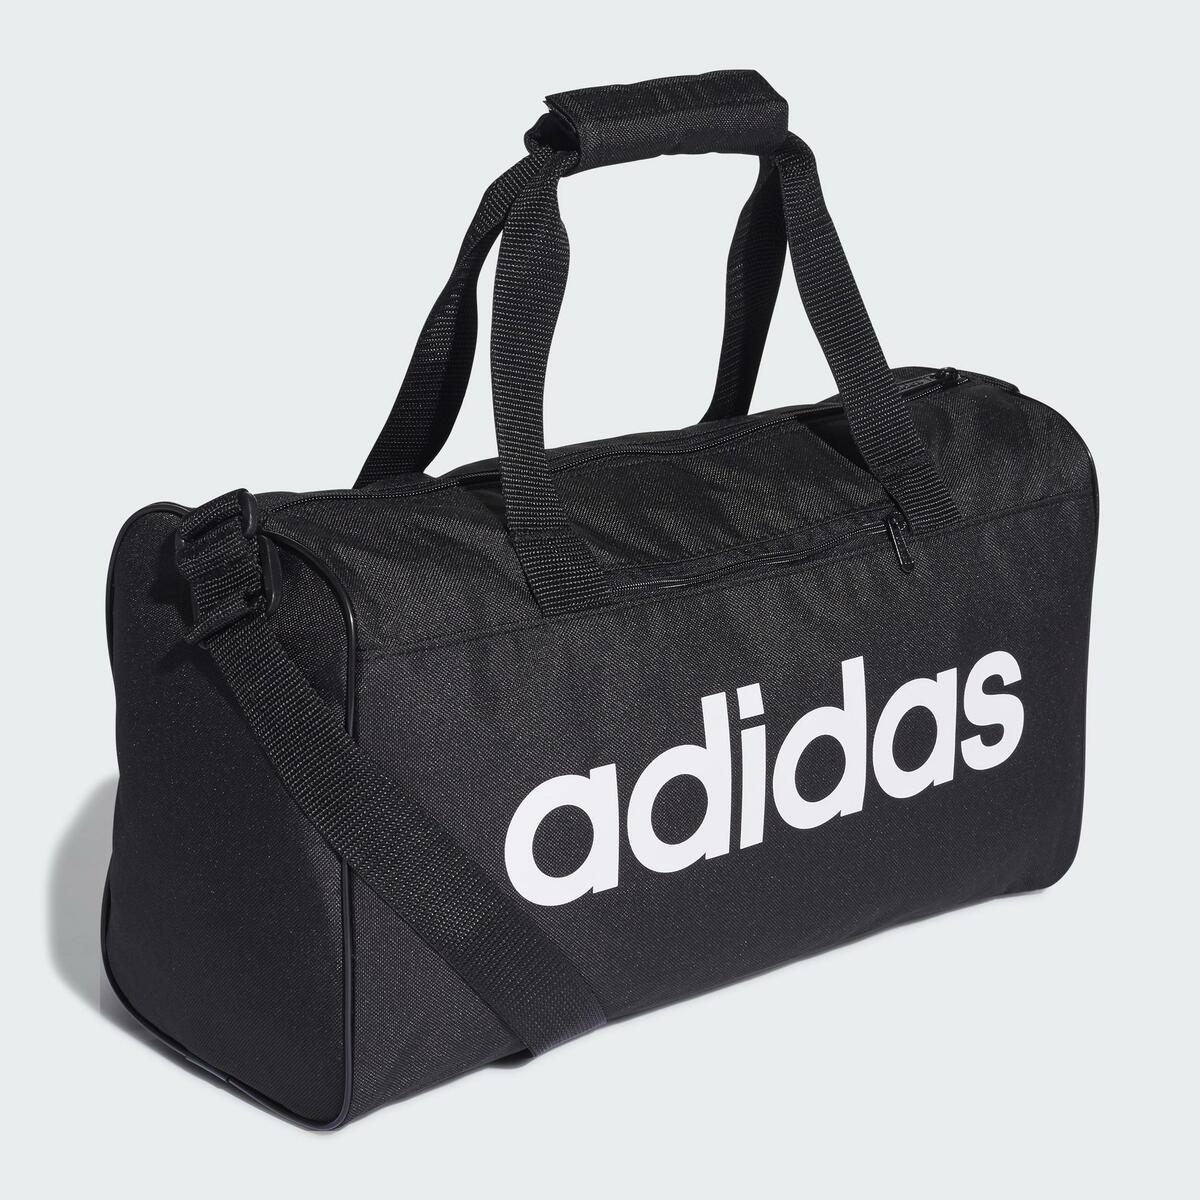 Bild 2 von Sporttasche Fitness XS schwarz/weiß